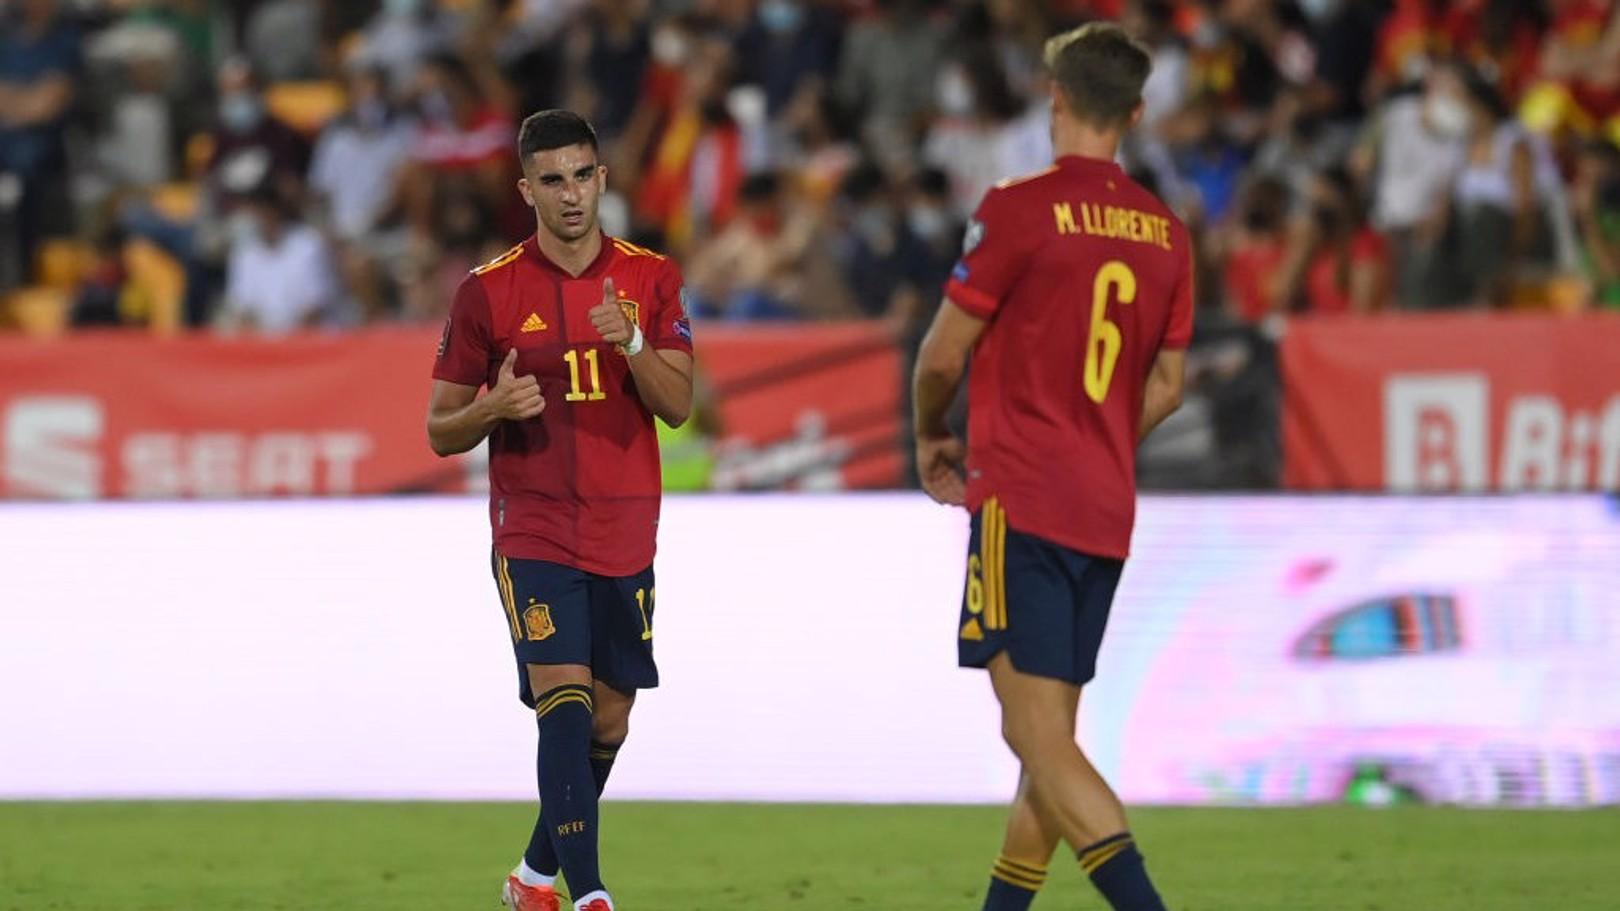 스페인 대표팀에서 득점에 성공한 토레스